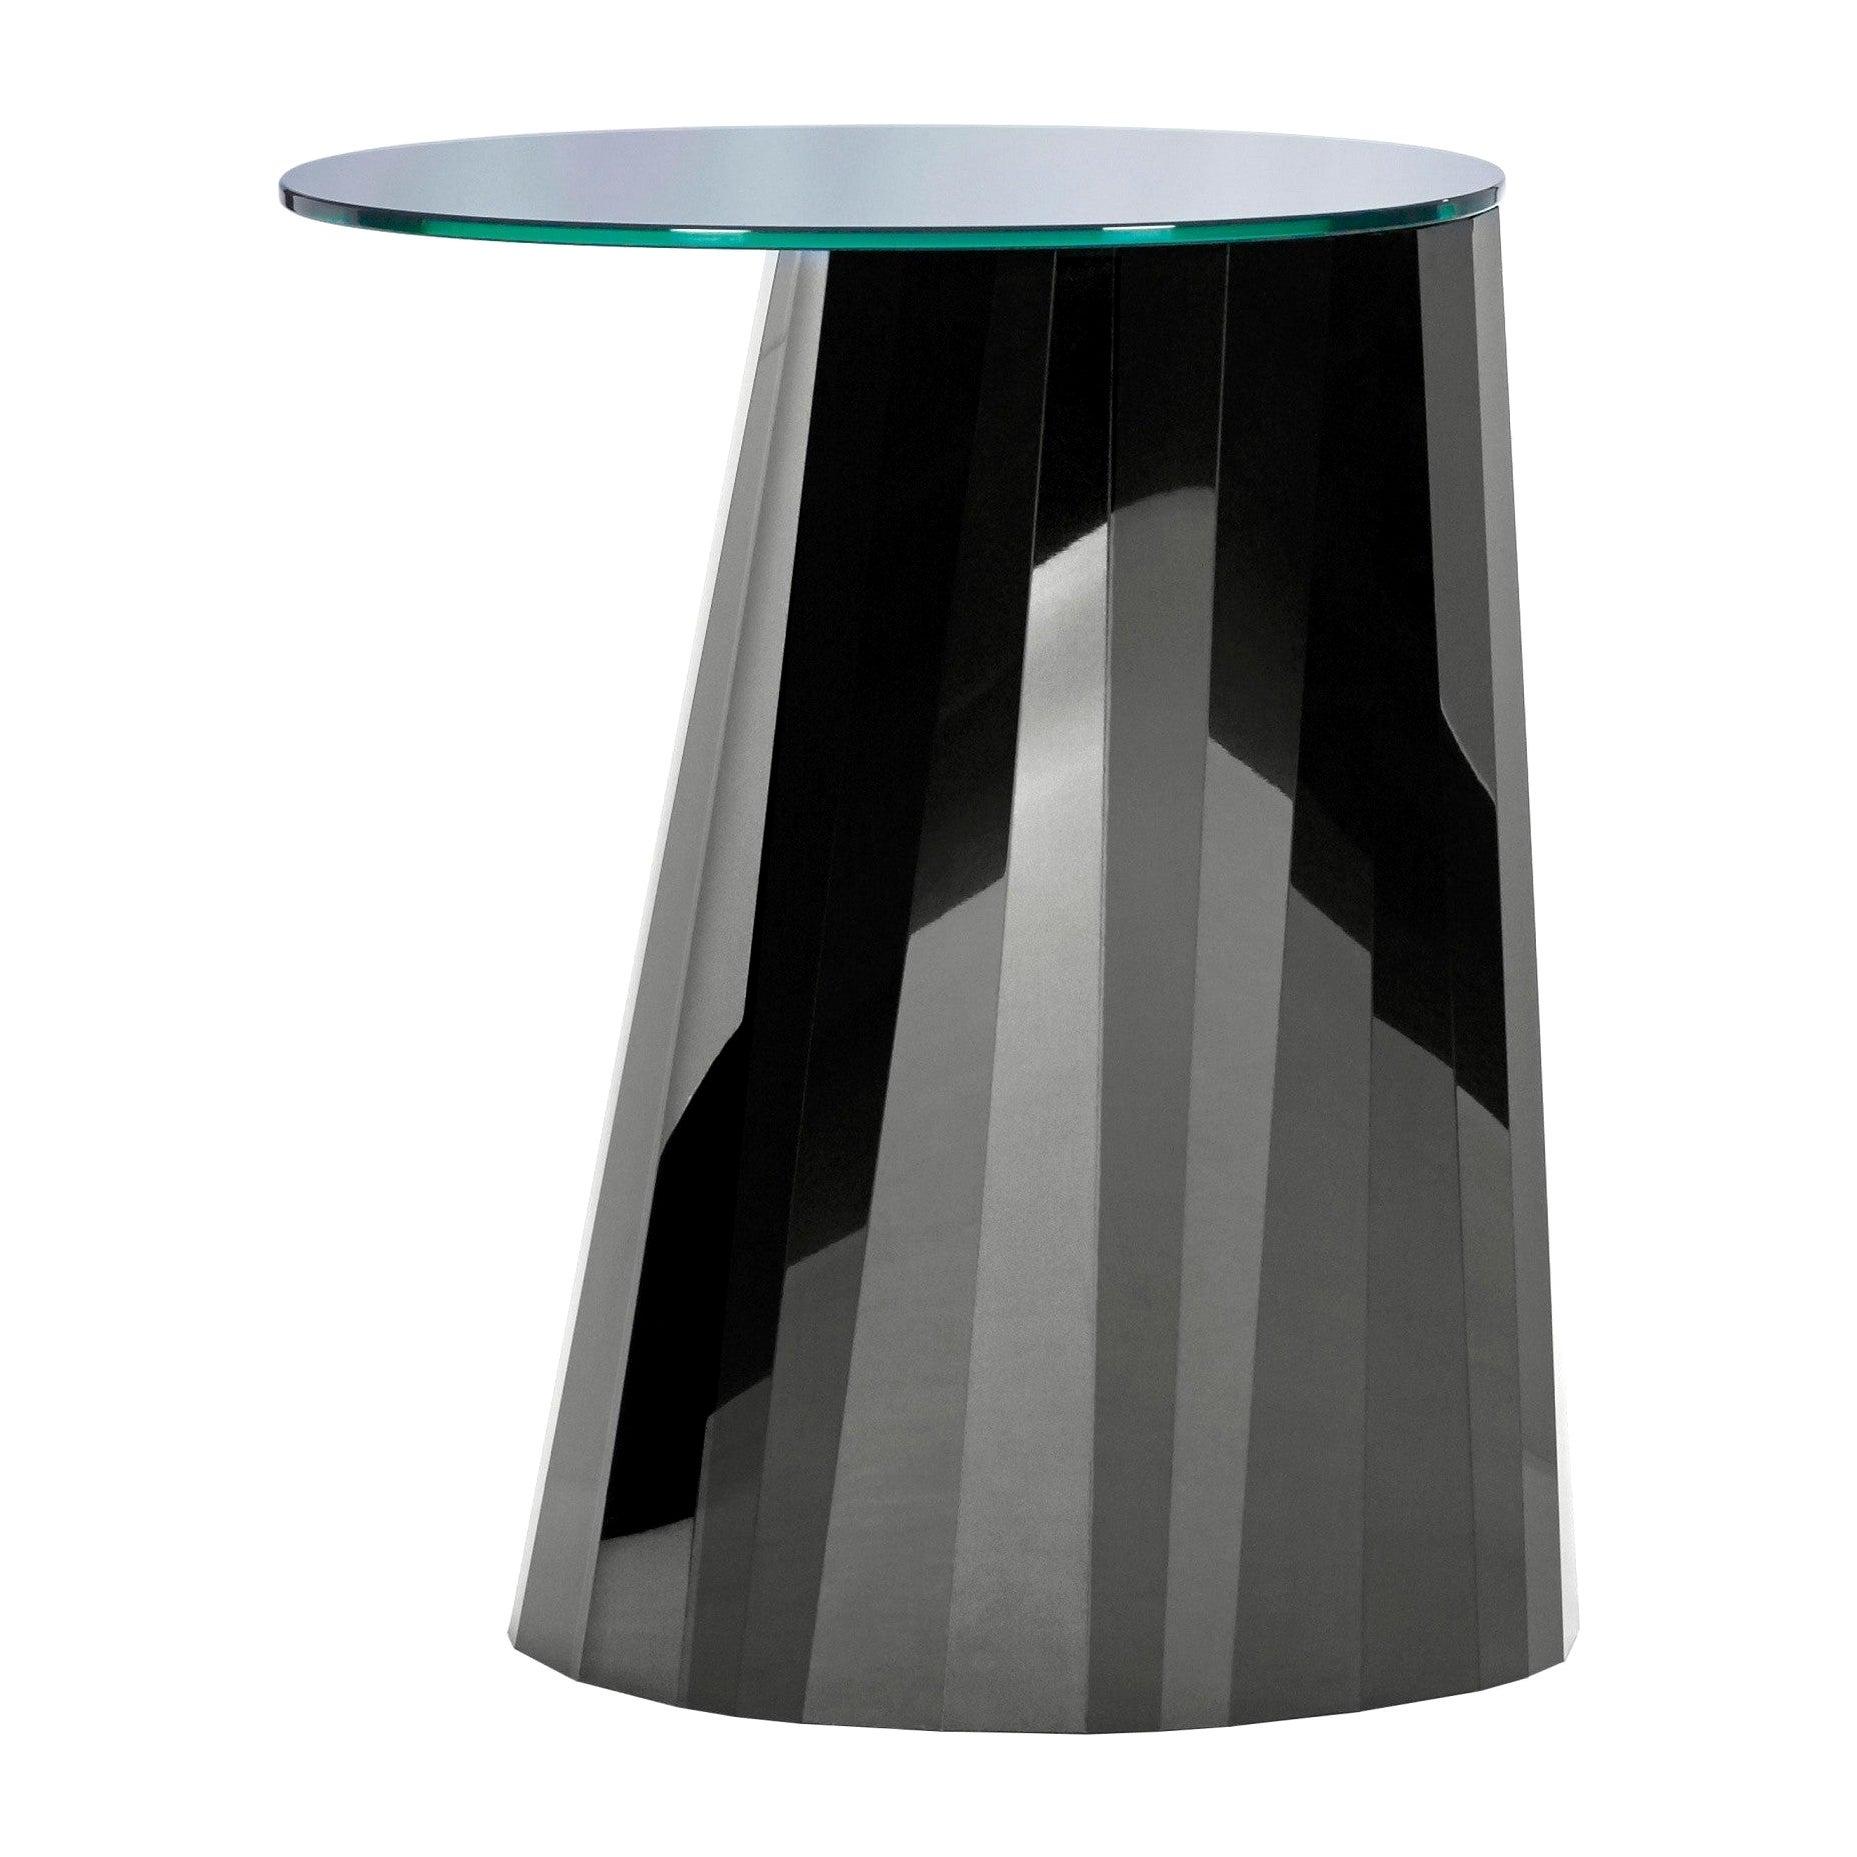 ClassiCon Pli High Black Side Table designed  by Victoria Wilmotte